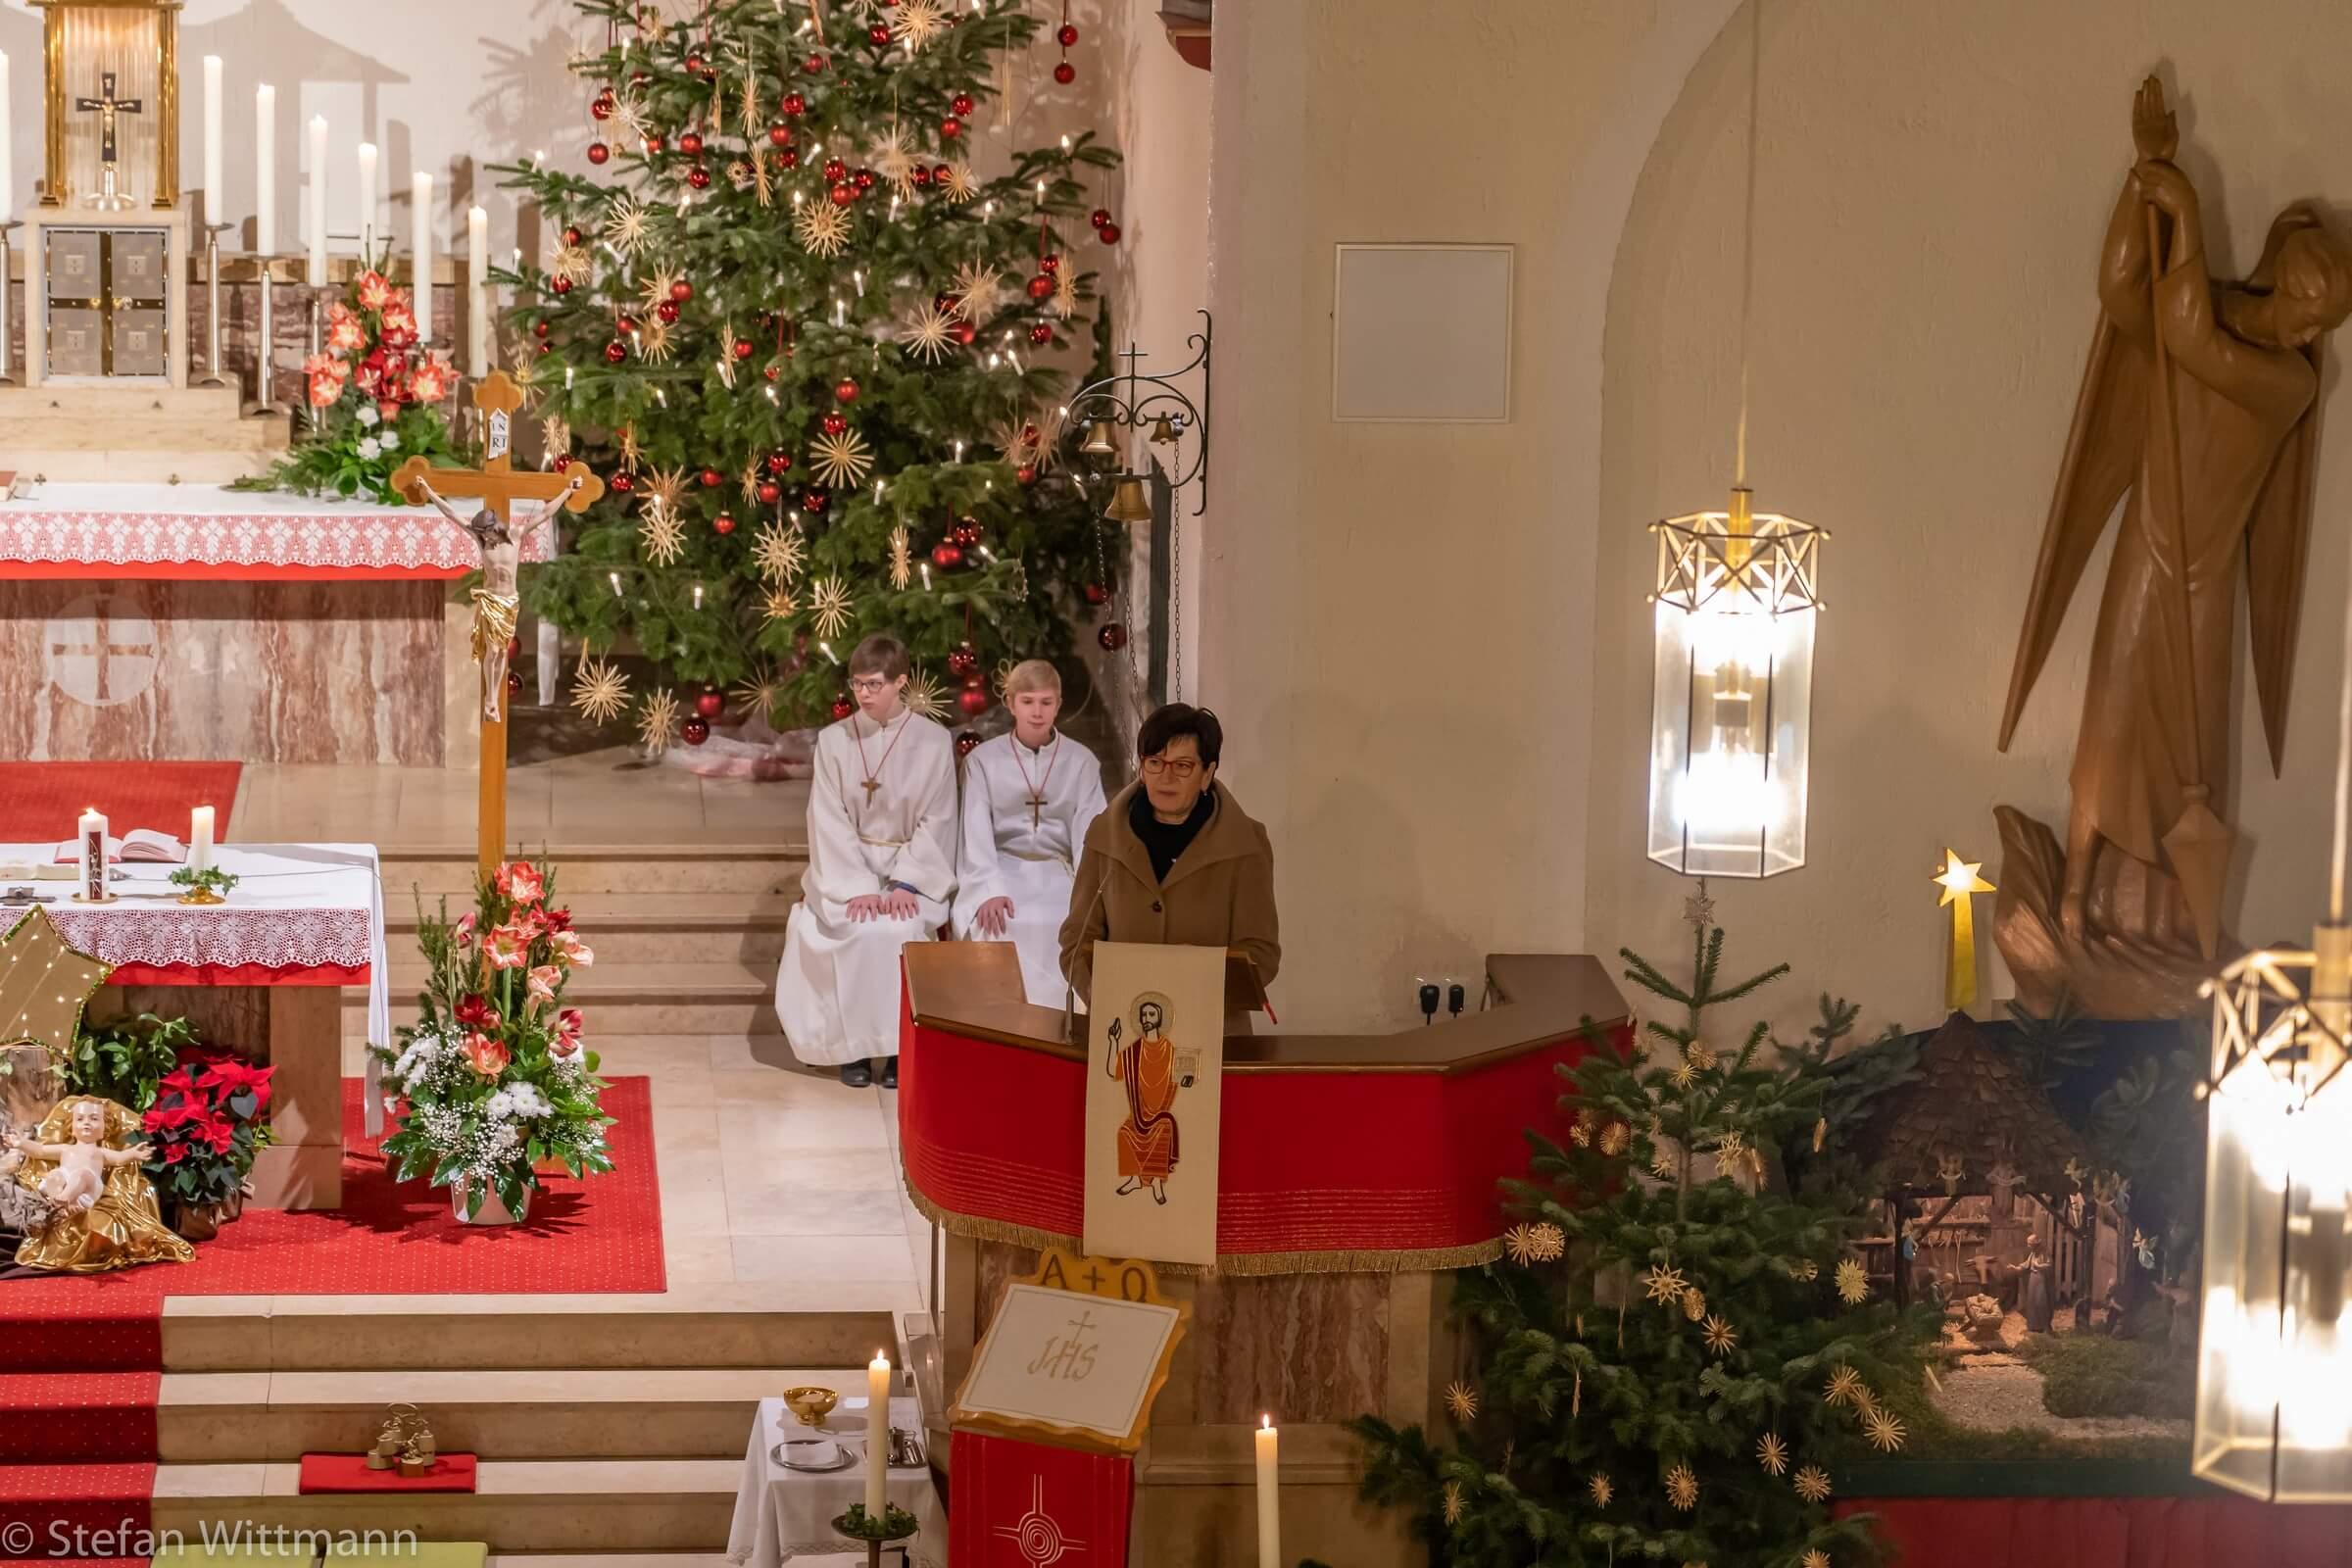 20181230-10 Jahre Priester Joseph - von Wittmann Stefan 20181230171456-DSC01872